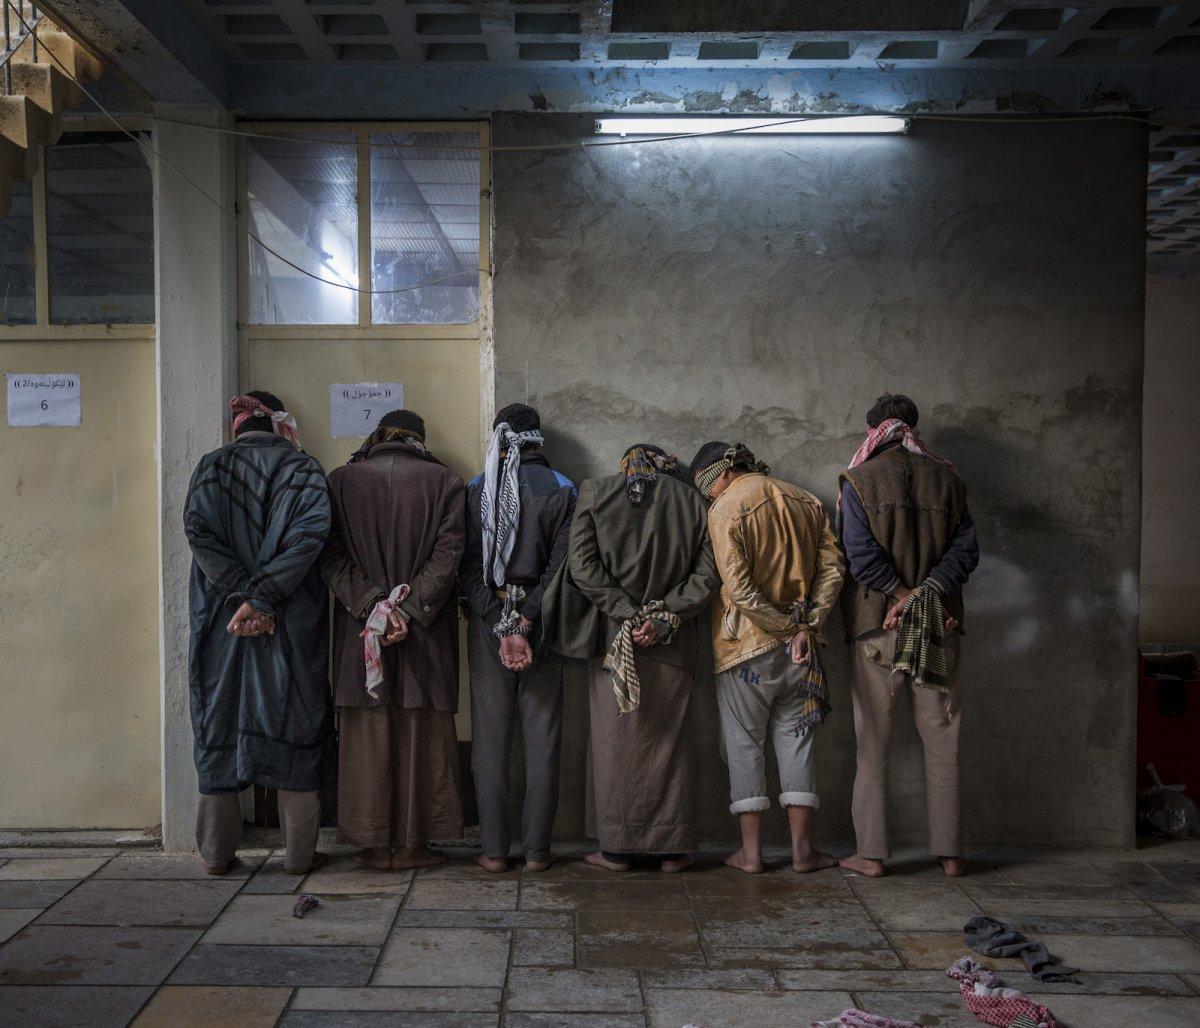 33 imagens deslumbrantes selecionadas para os Prêmios Sony World Photography 2017 21